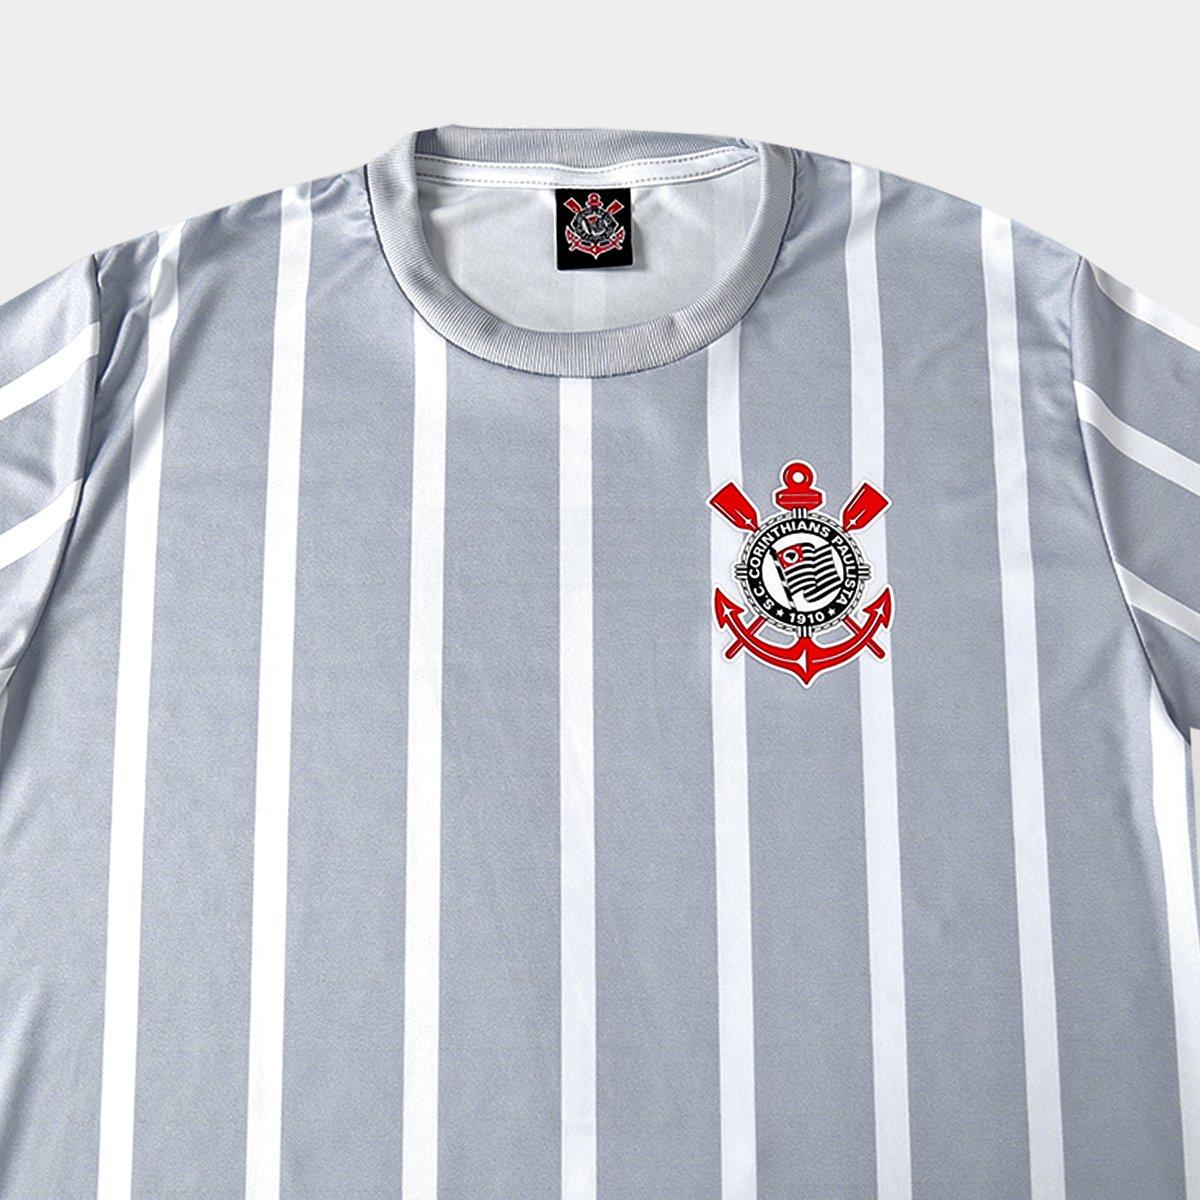 2b5533f49d Camisa Corinthians 2002 n° 7 Masculina - Branco e Cinza - Compre ...